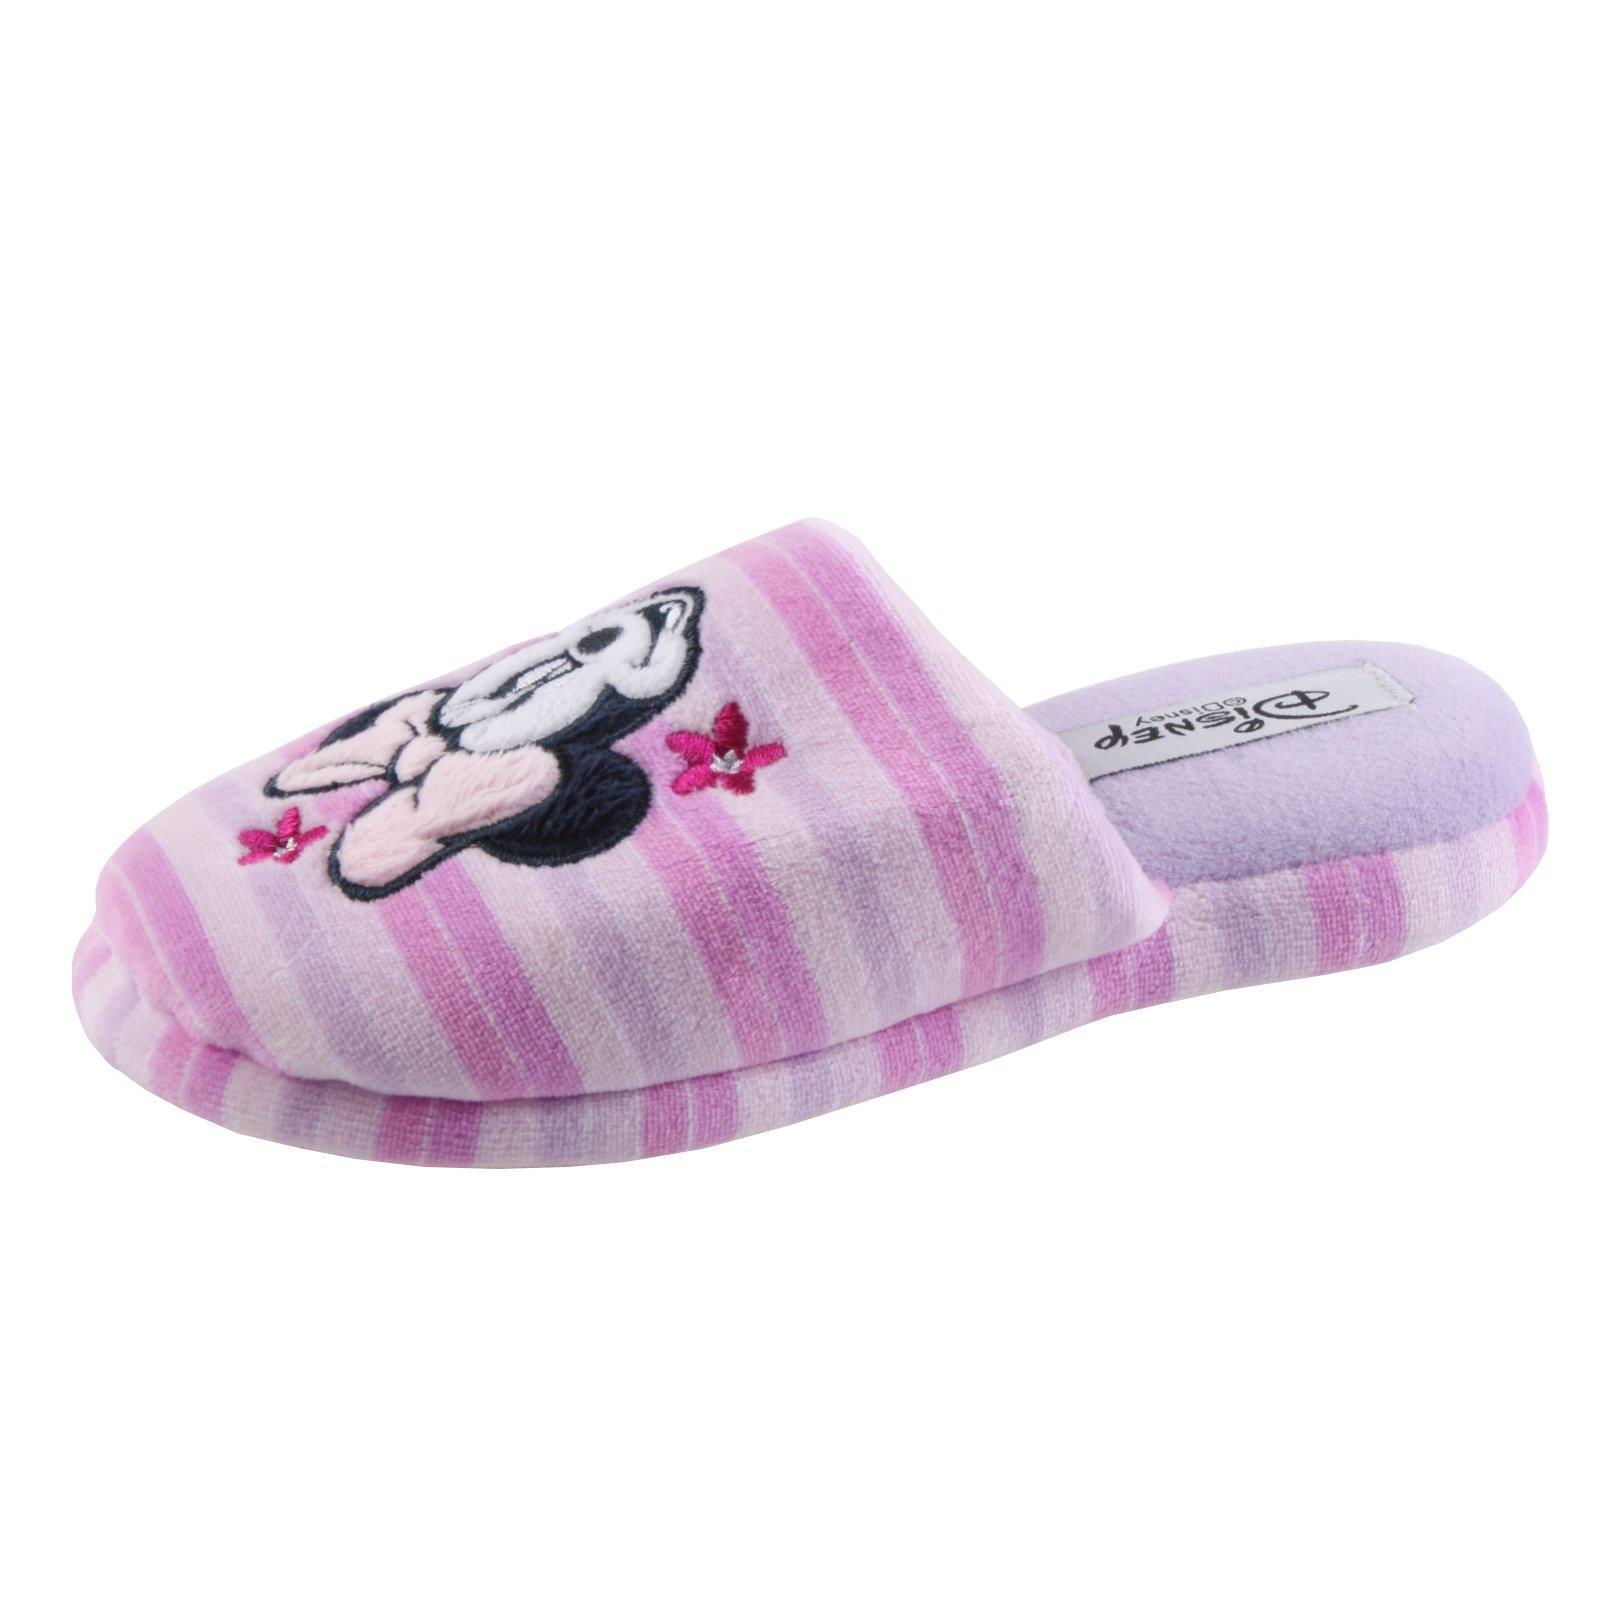 Disney Minnie Mouse Hausschuhe Pantoffeln Puschen Kinder